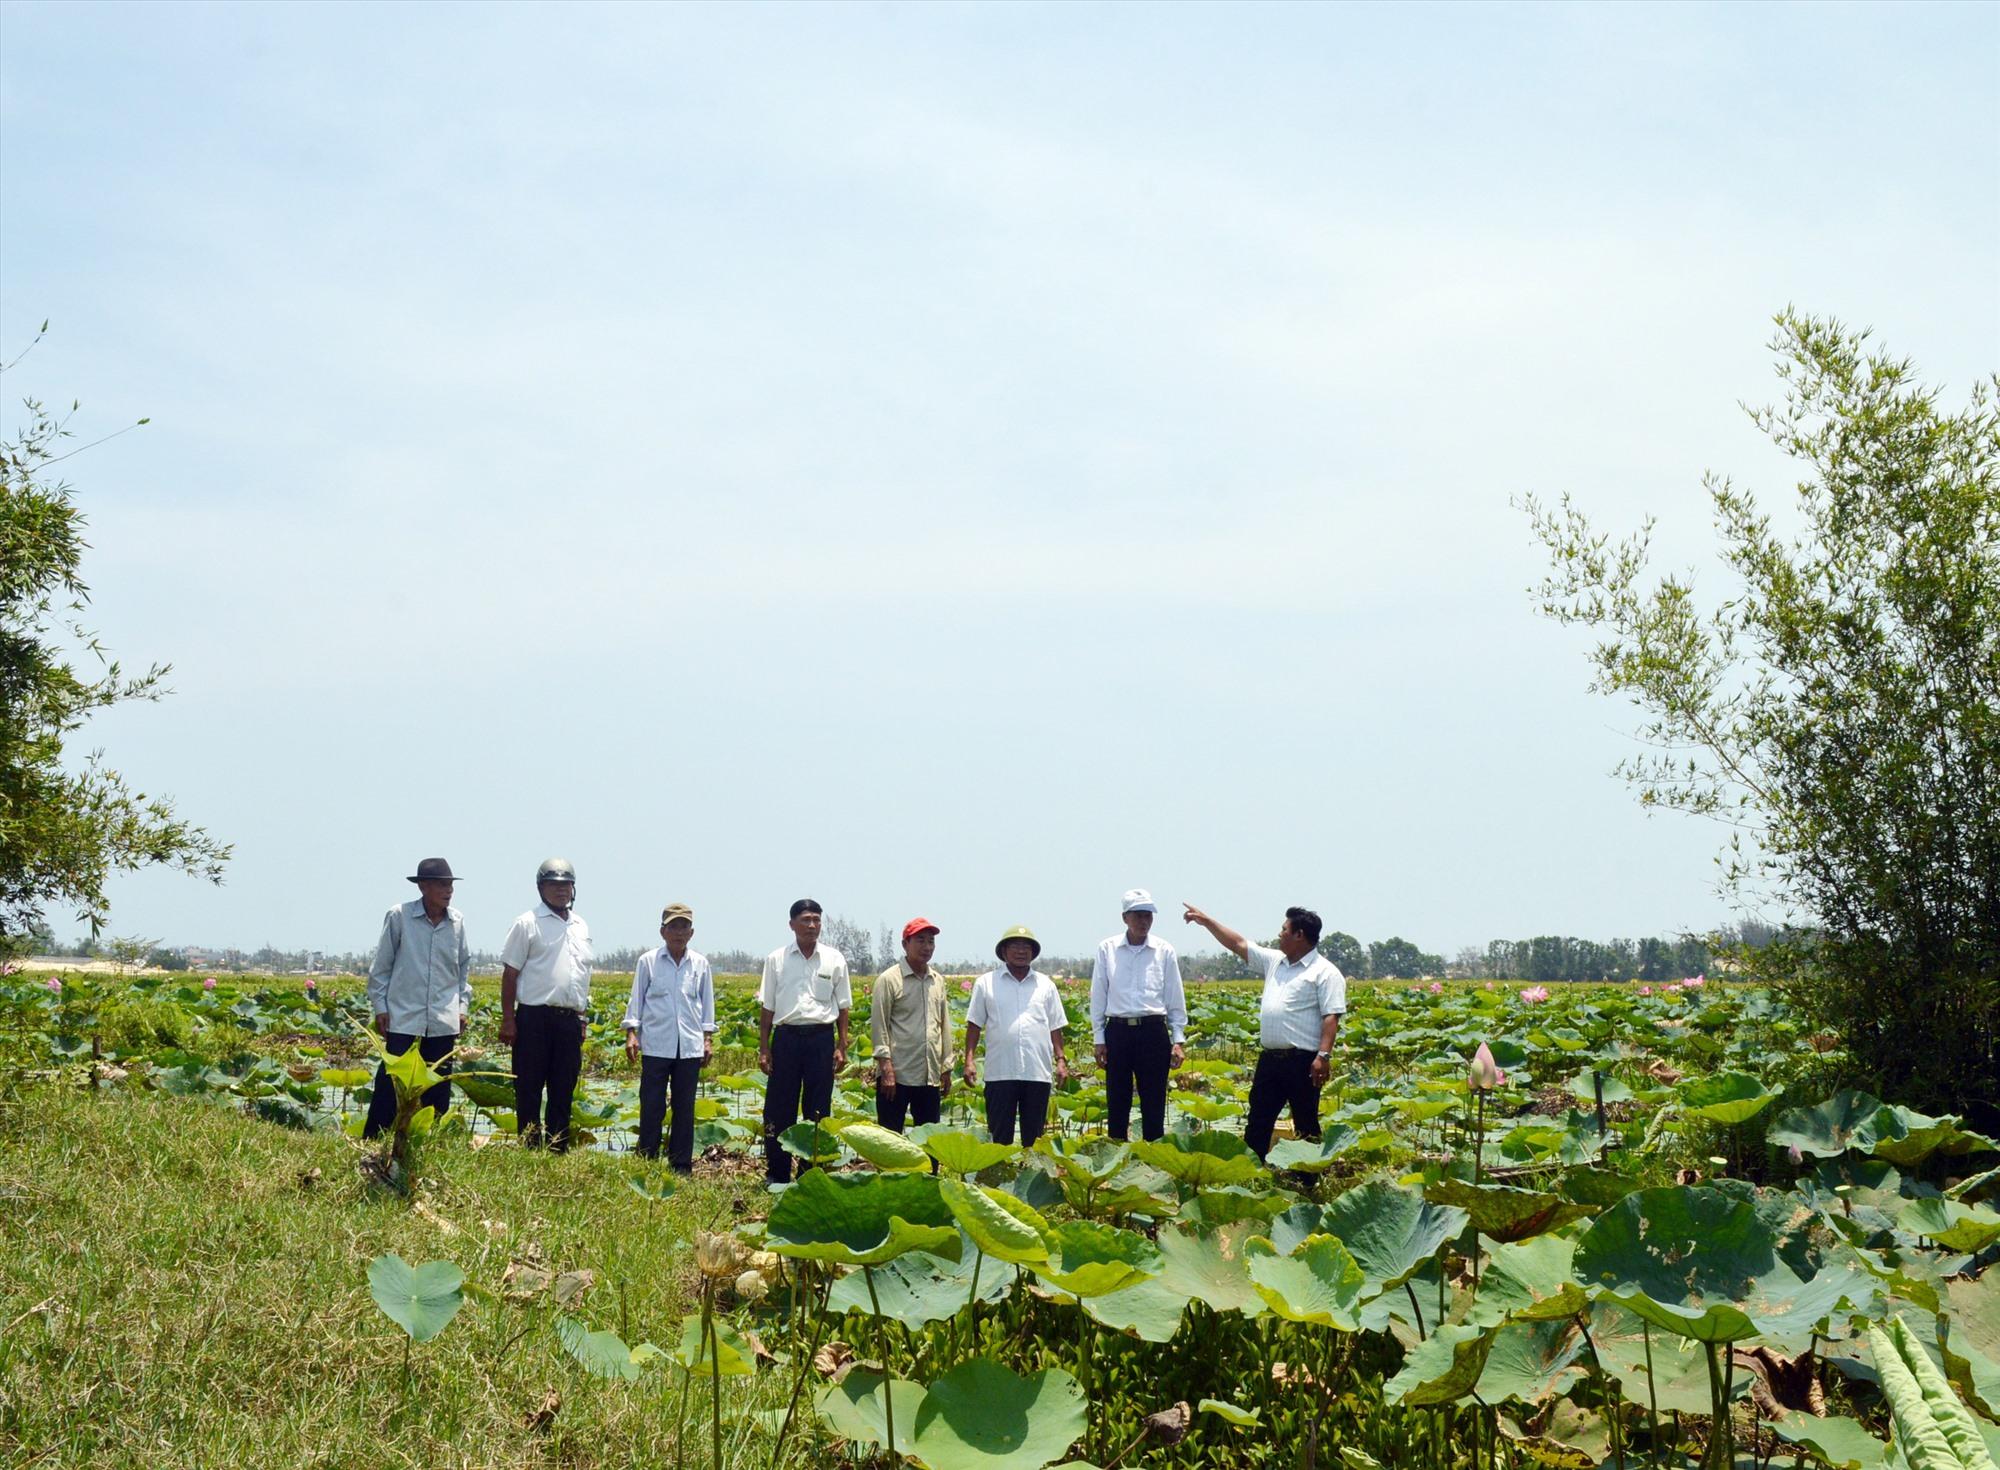 Xung quanh di tích Bàu Sen xưa kia có hàng chục hầm công sự là nơi ẩn nấp của người làm cách mạng